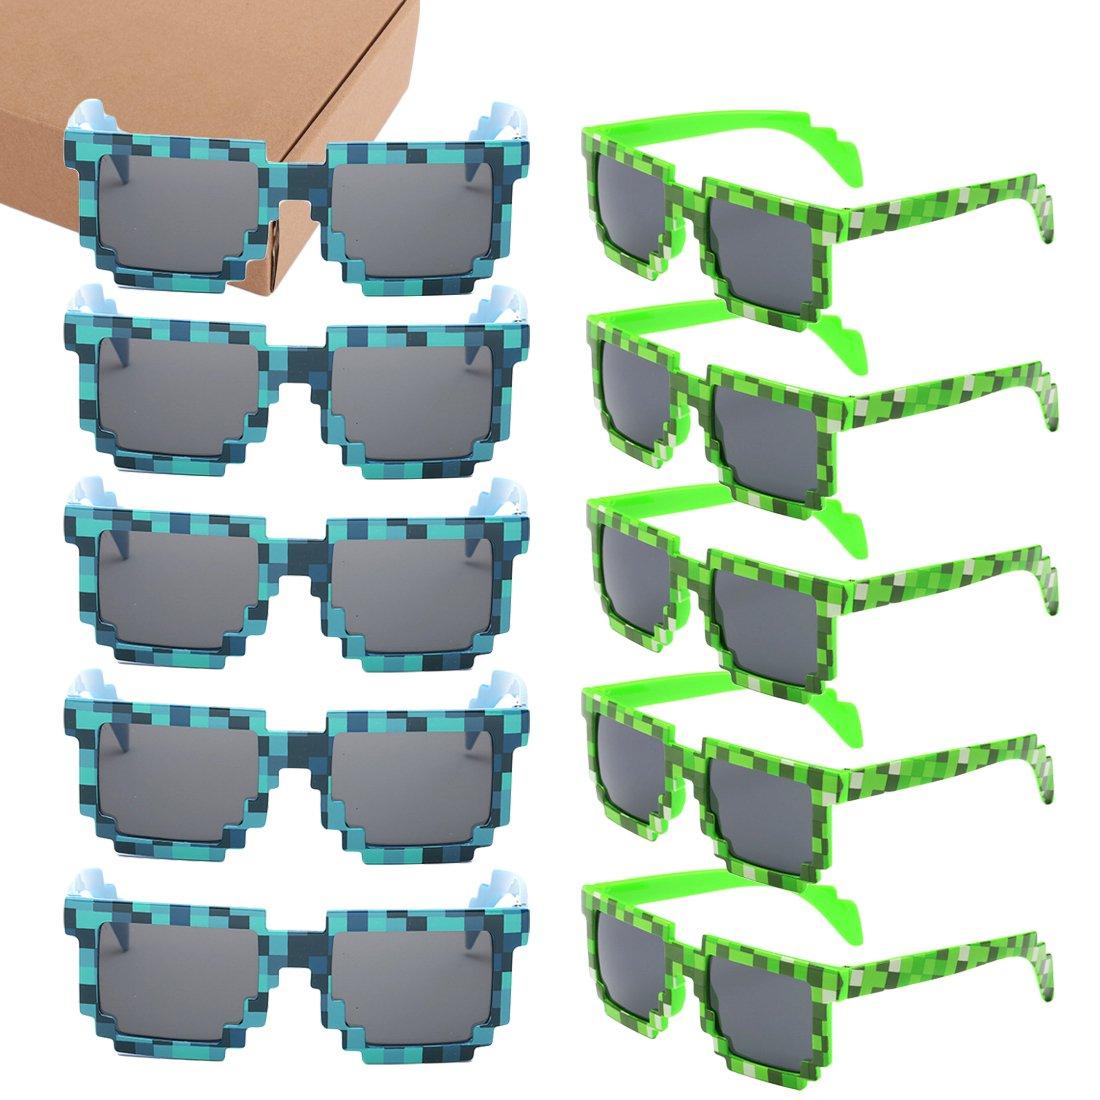 kilofly 10pc 8-Bit Pixel UV Protect Gamer Sunglasses Adult Kids Party Favors KTG346pc10